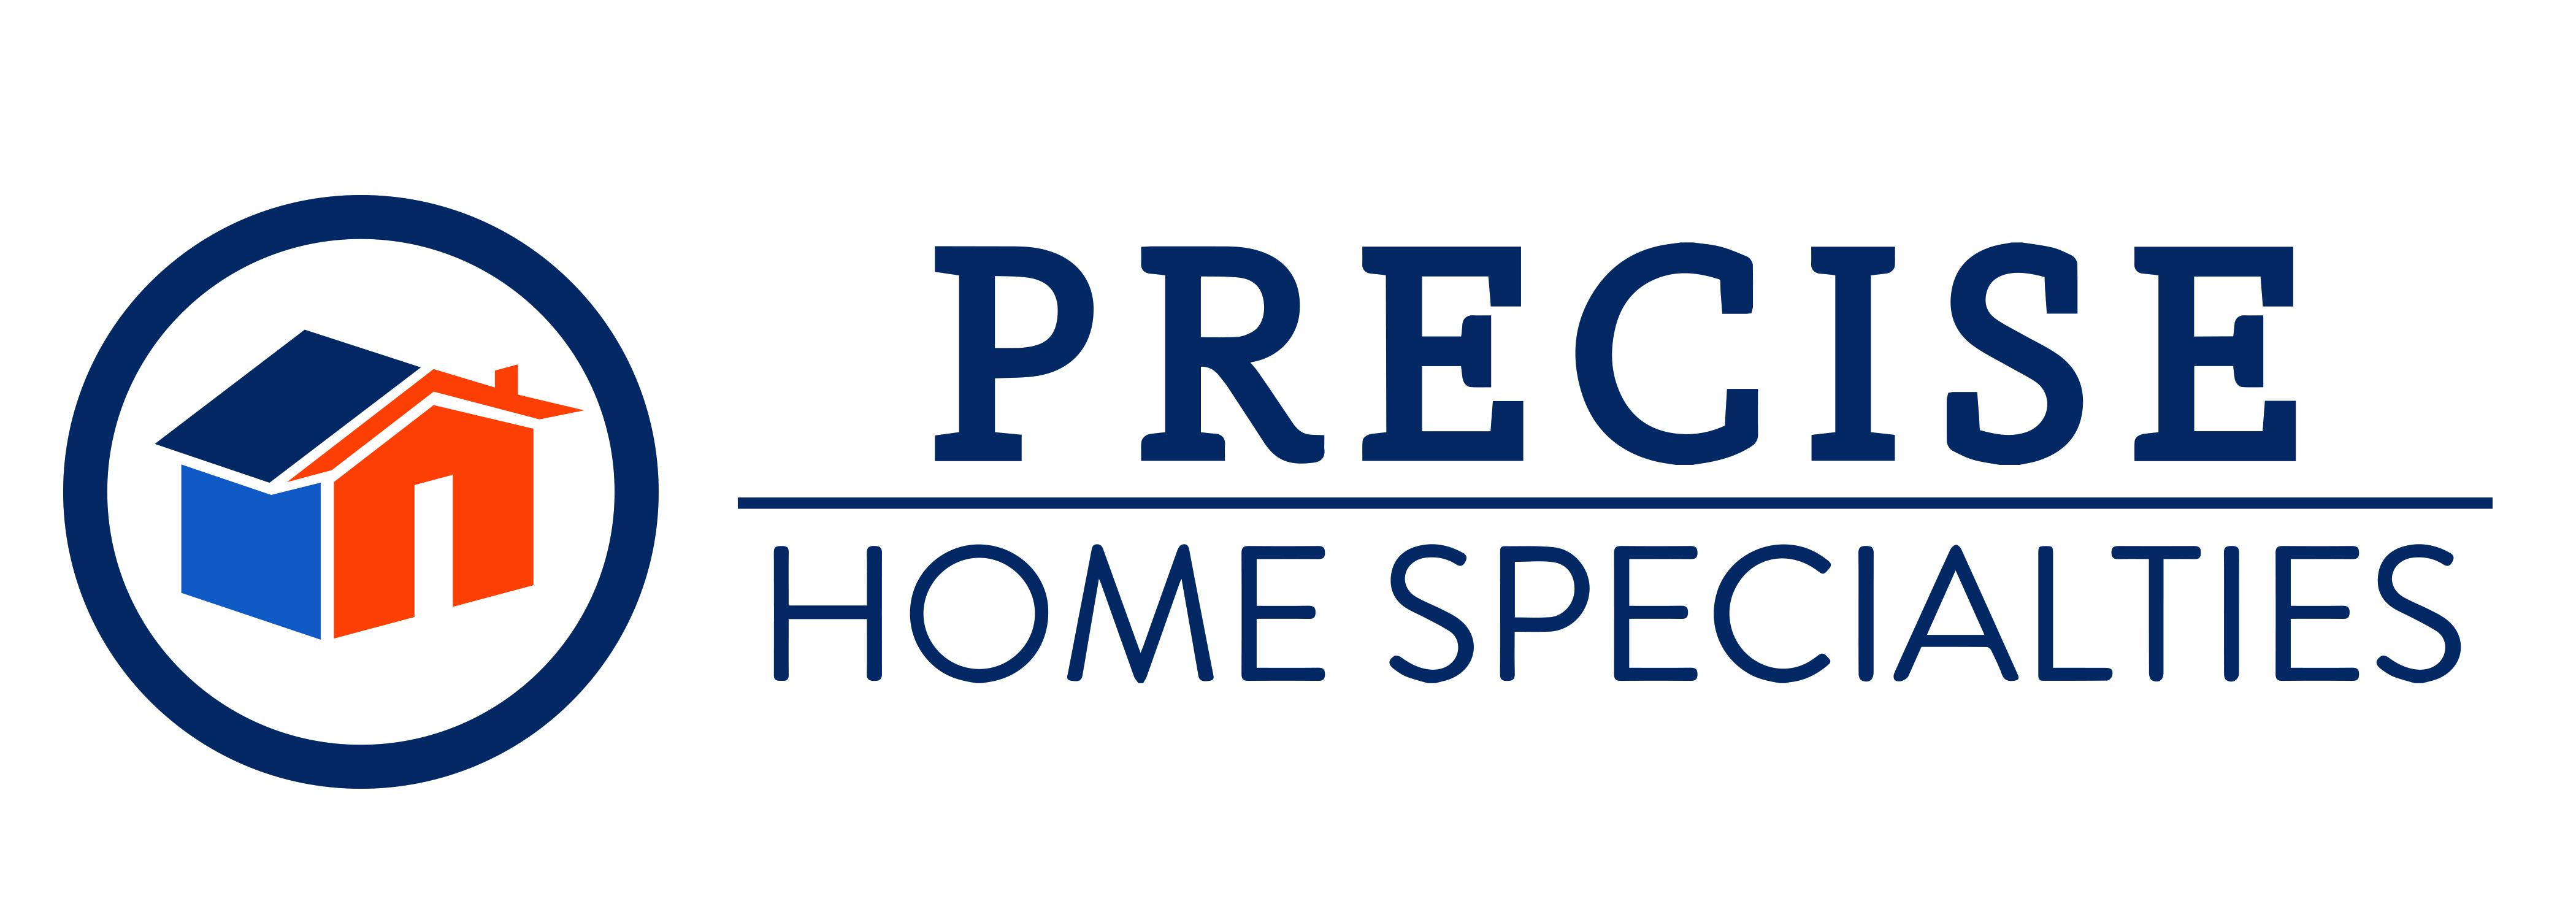 Precise Home Specialties logo